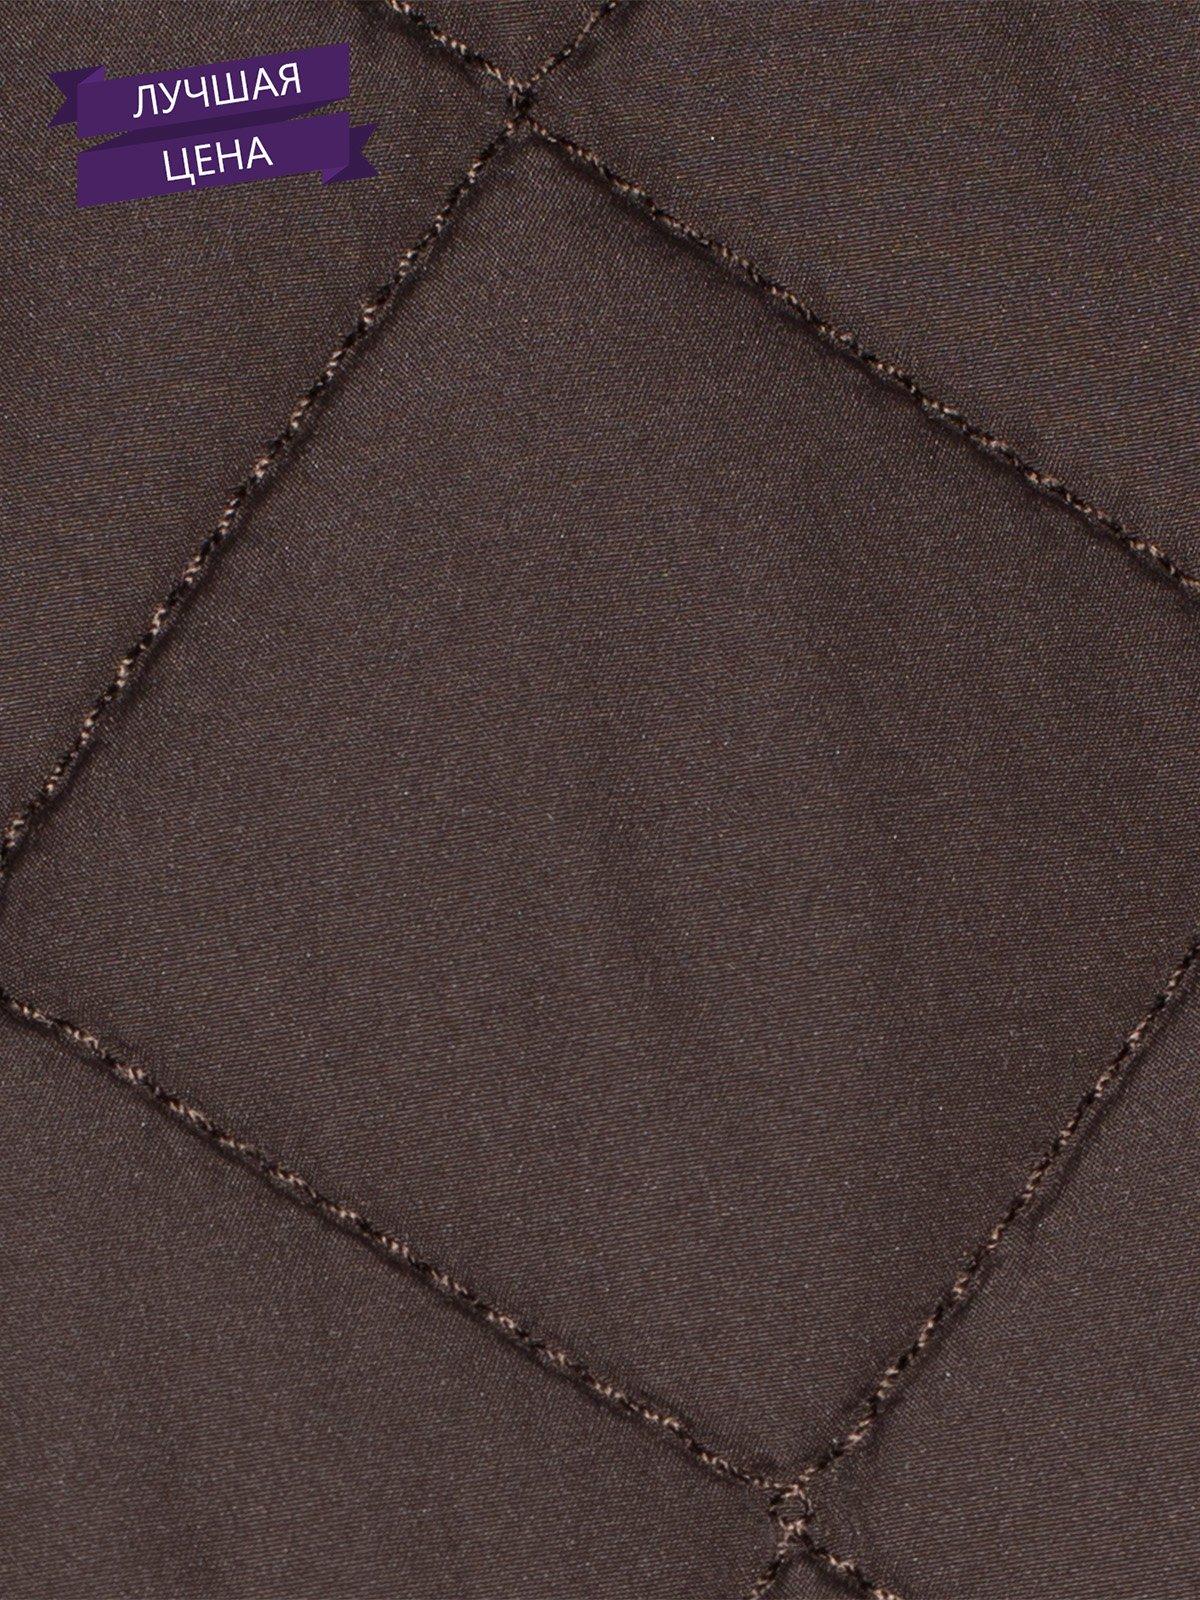 Жилет коричневый | 1898944 | фото 5